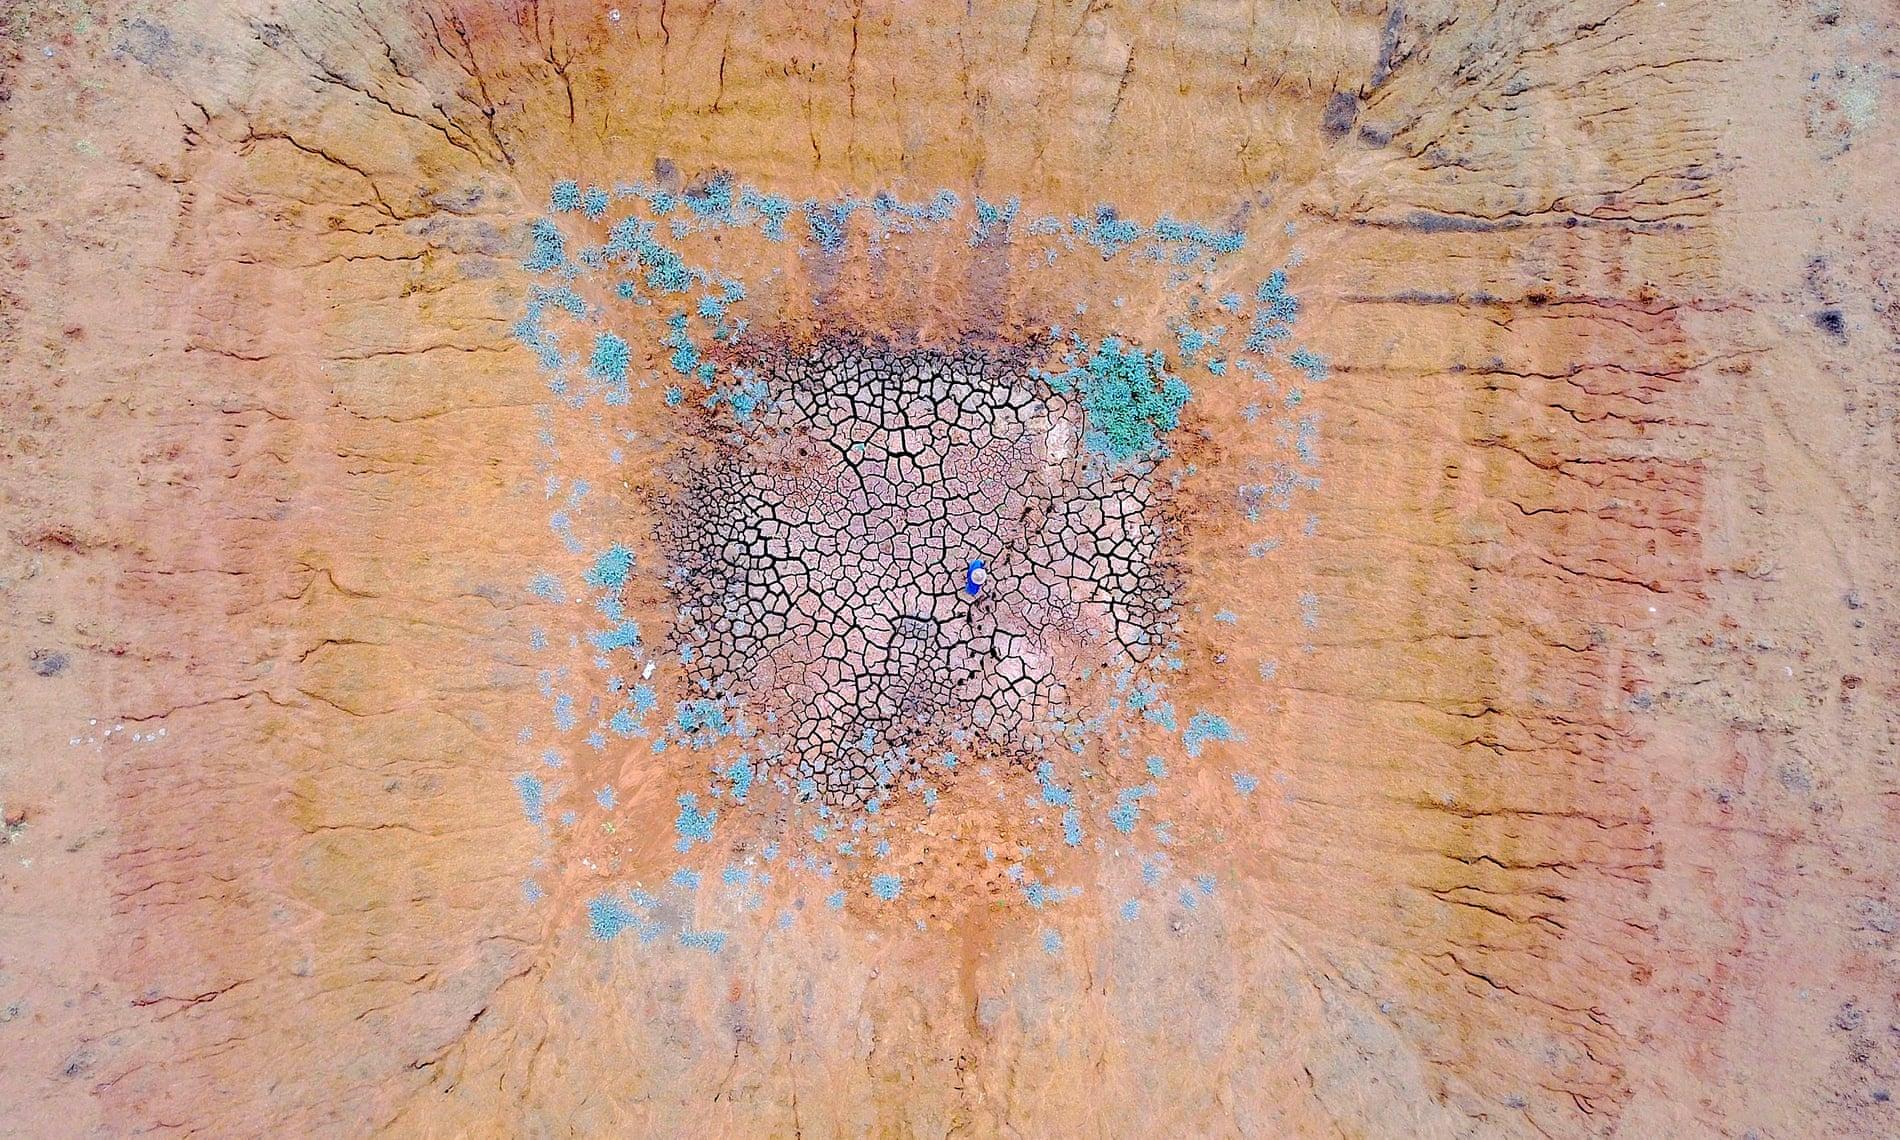 Фото дня: засуха в Австралии с высоты птичьего полета Фото дня: засуха в Австралии с высоты птичьего полета 3289